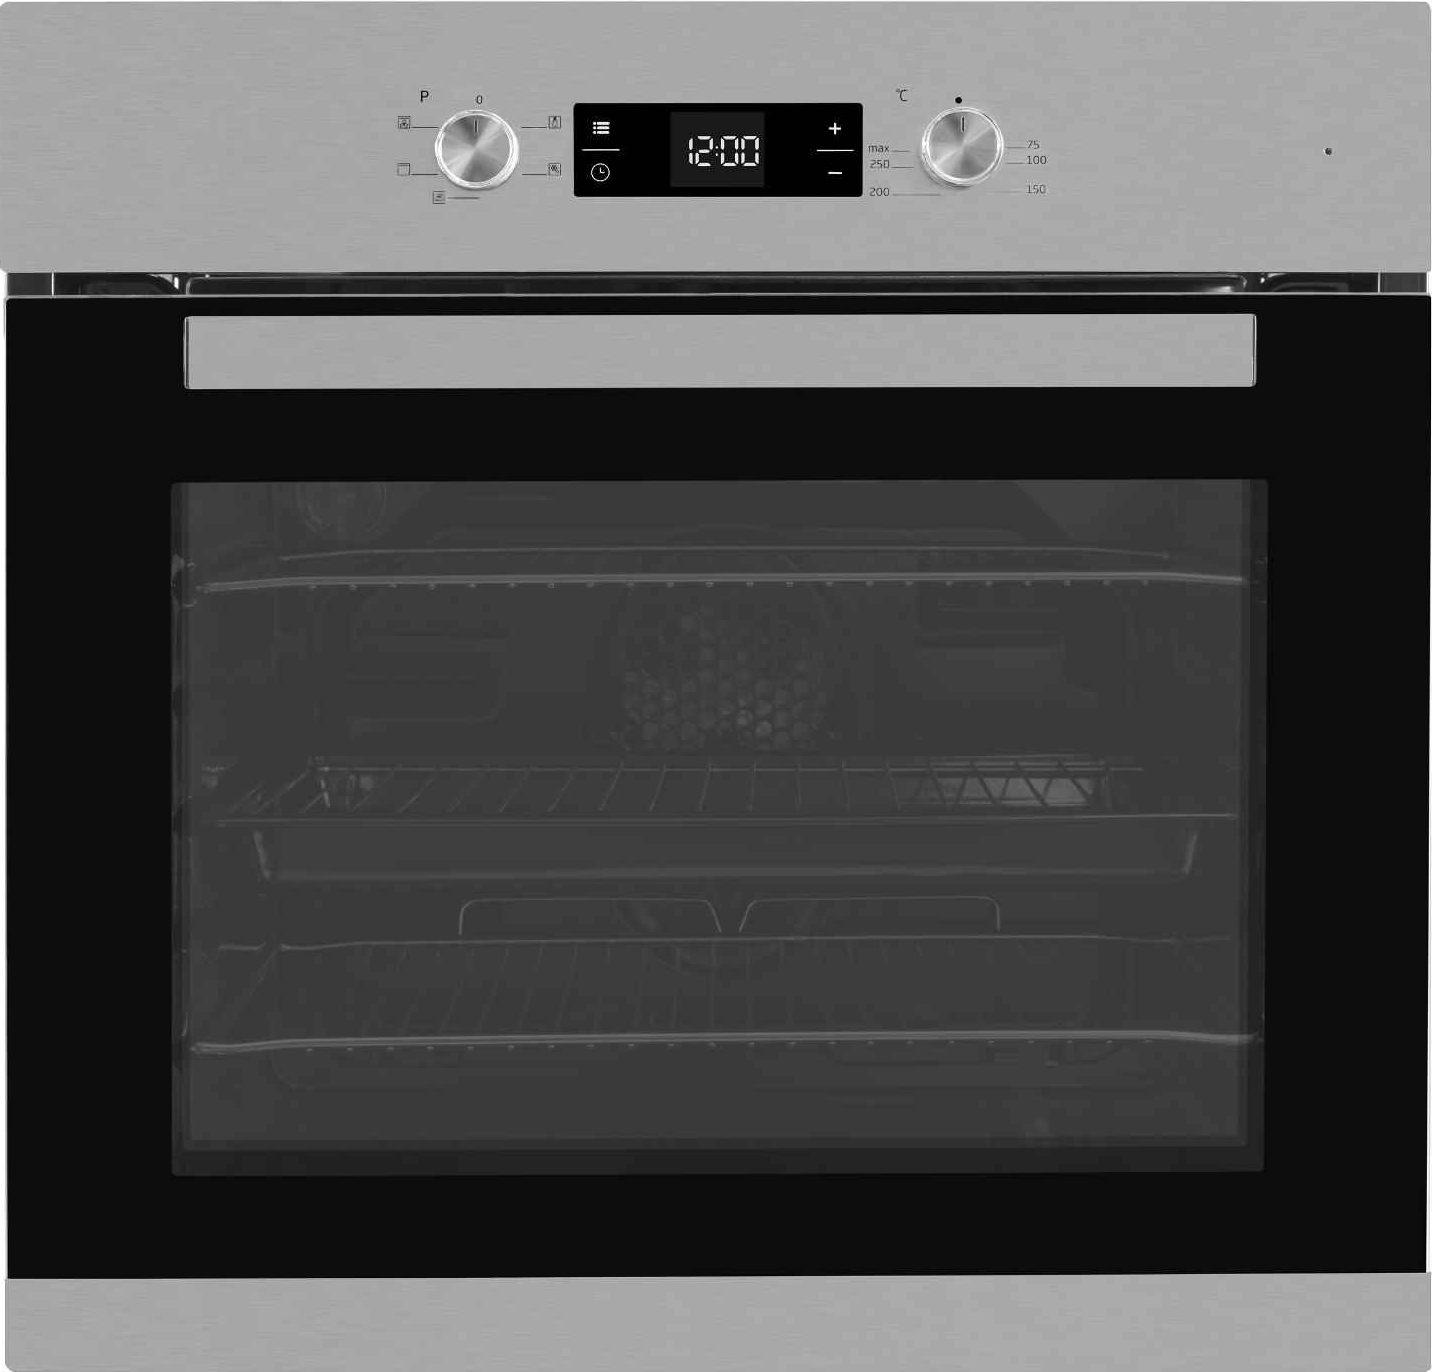 beko electric cooker wiring diagram pioneer avic n1 cpn1899 cif81x built in single oven herne bay